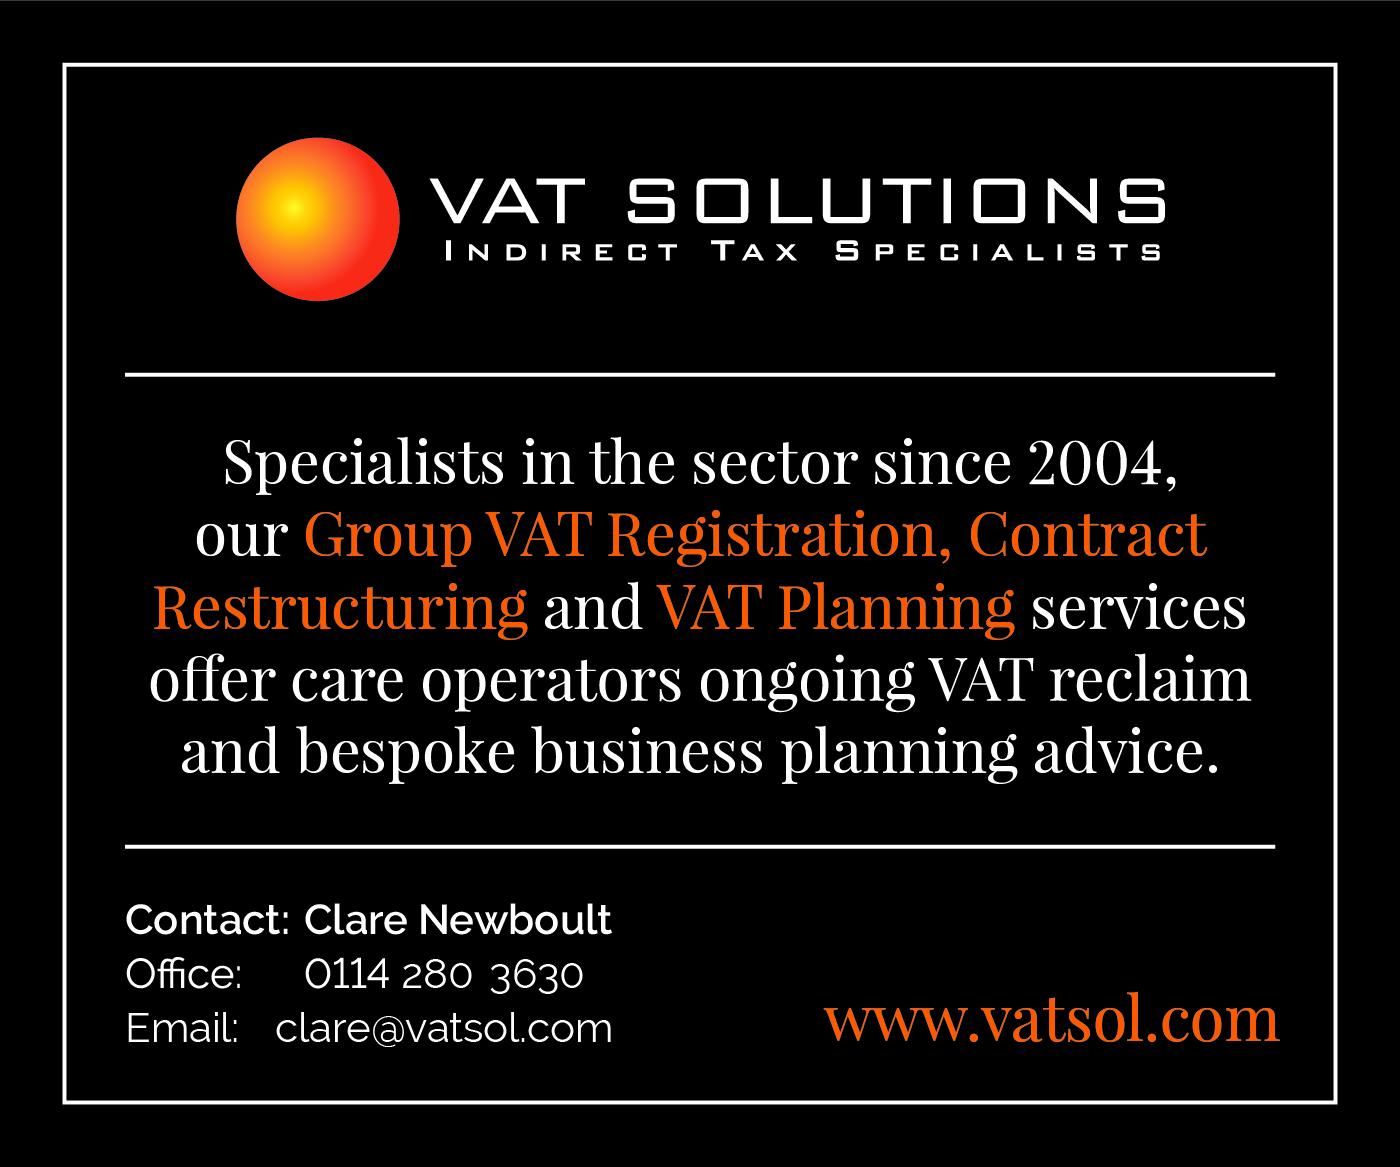 VAT Solutions healthcare advert